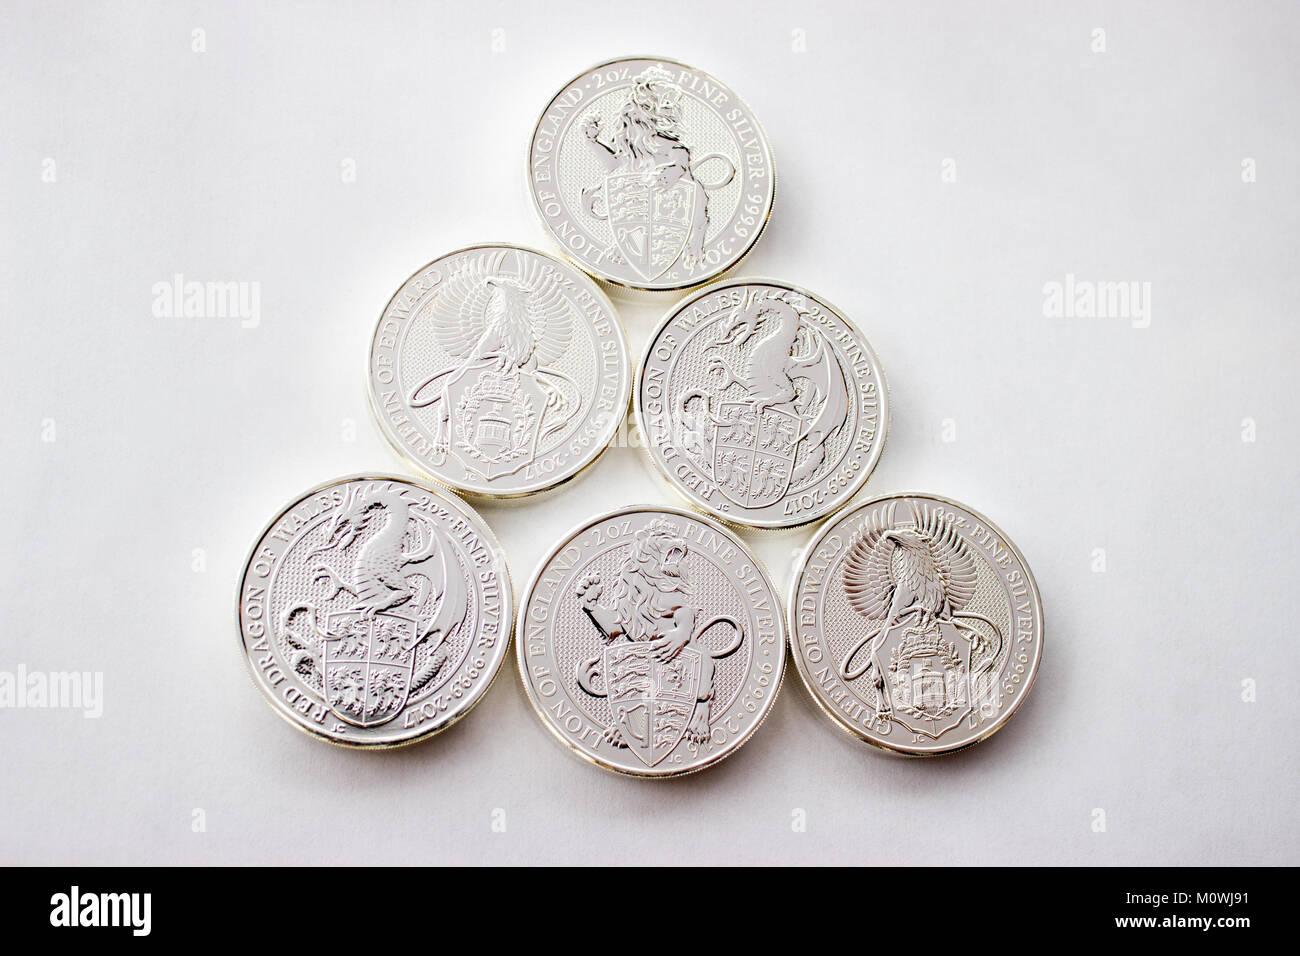 Auf Grauem Hintergrund Sind Silber Münzen Einer Investition Silber